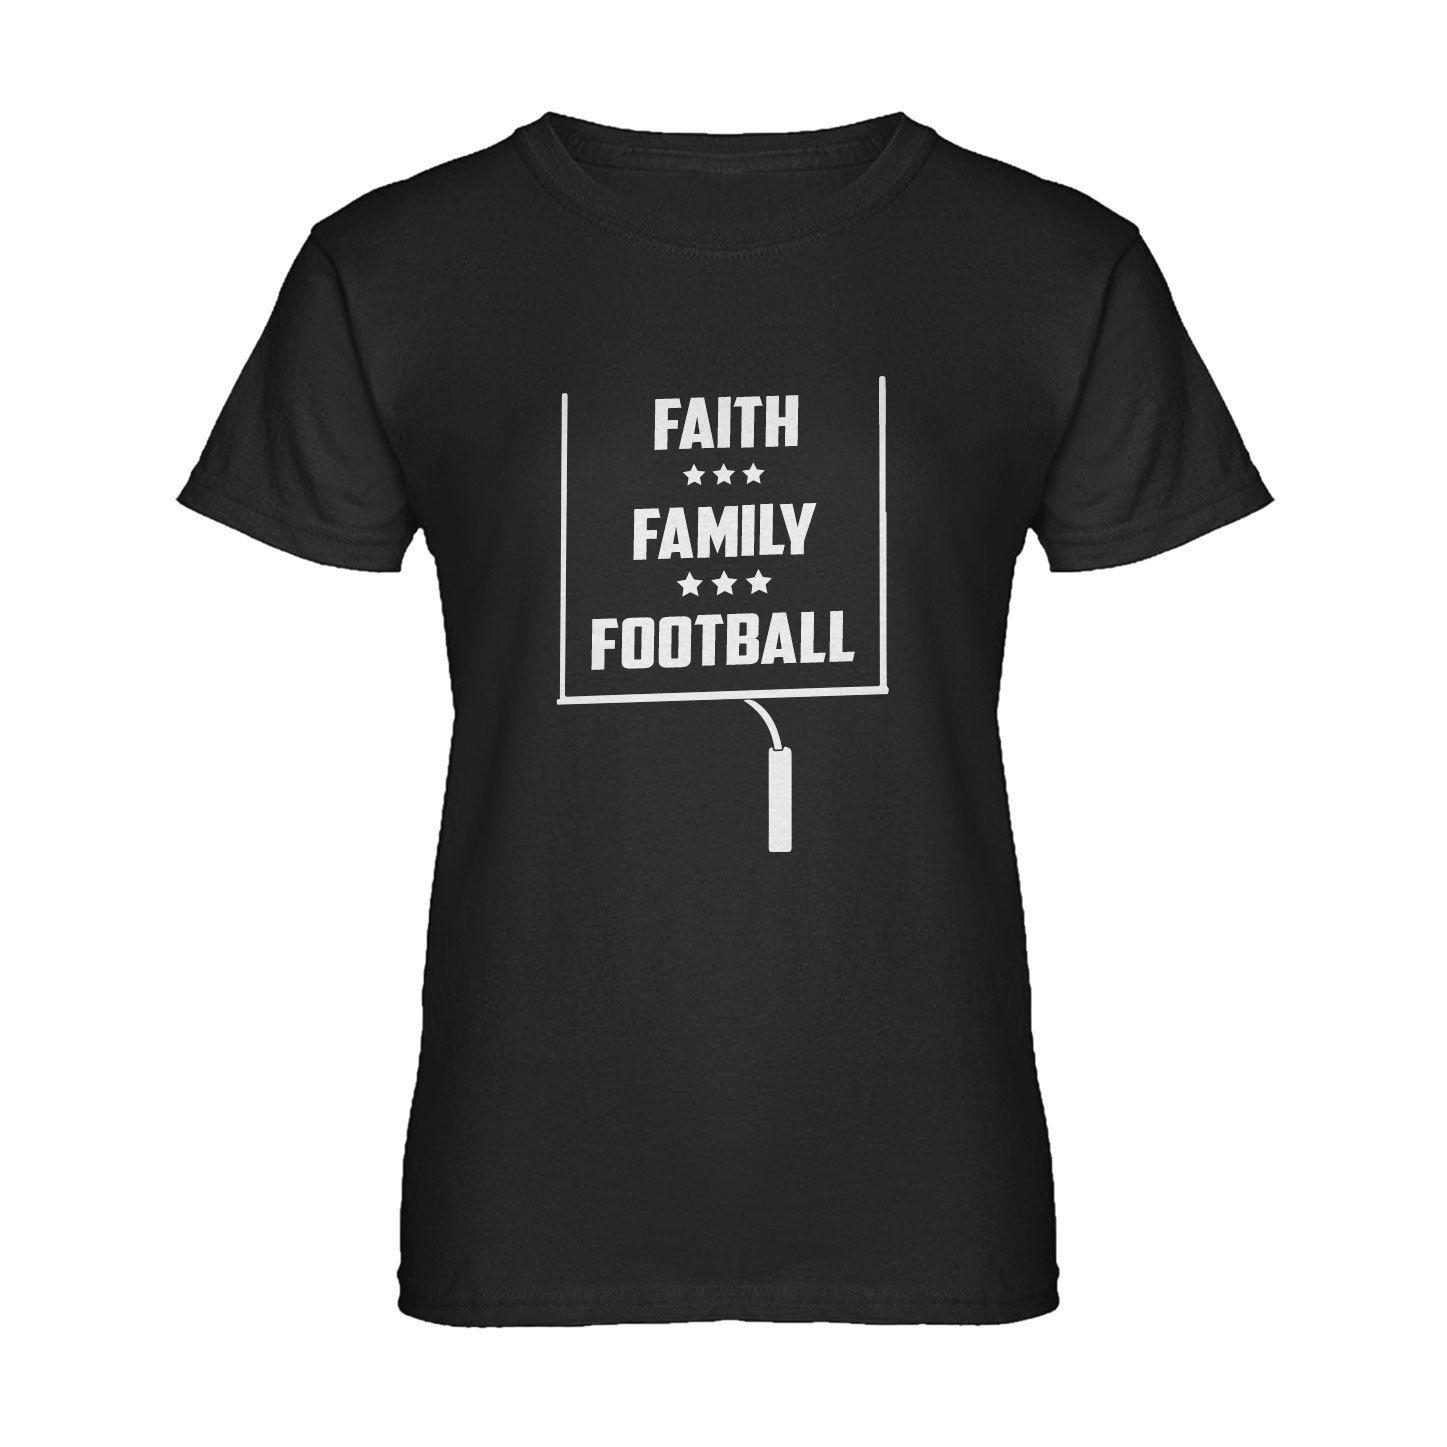 Womens Faith Family Footballer Womens T-Shirt Print Women'S T Shirt Punk Western Style Design T-Shirts Novelty Tops Tee